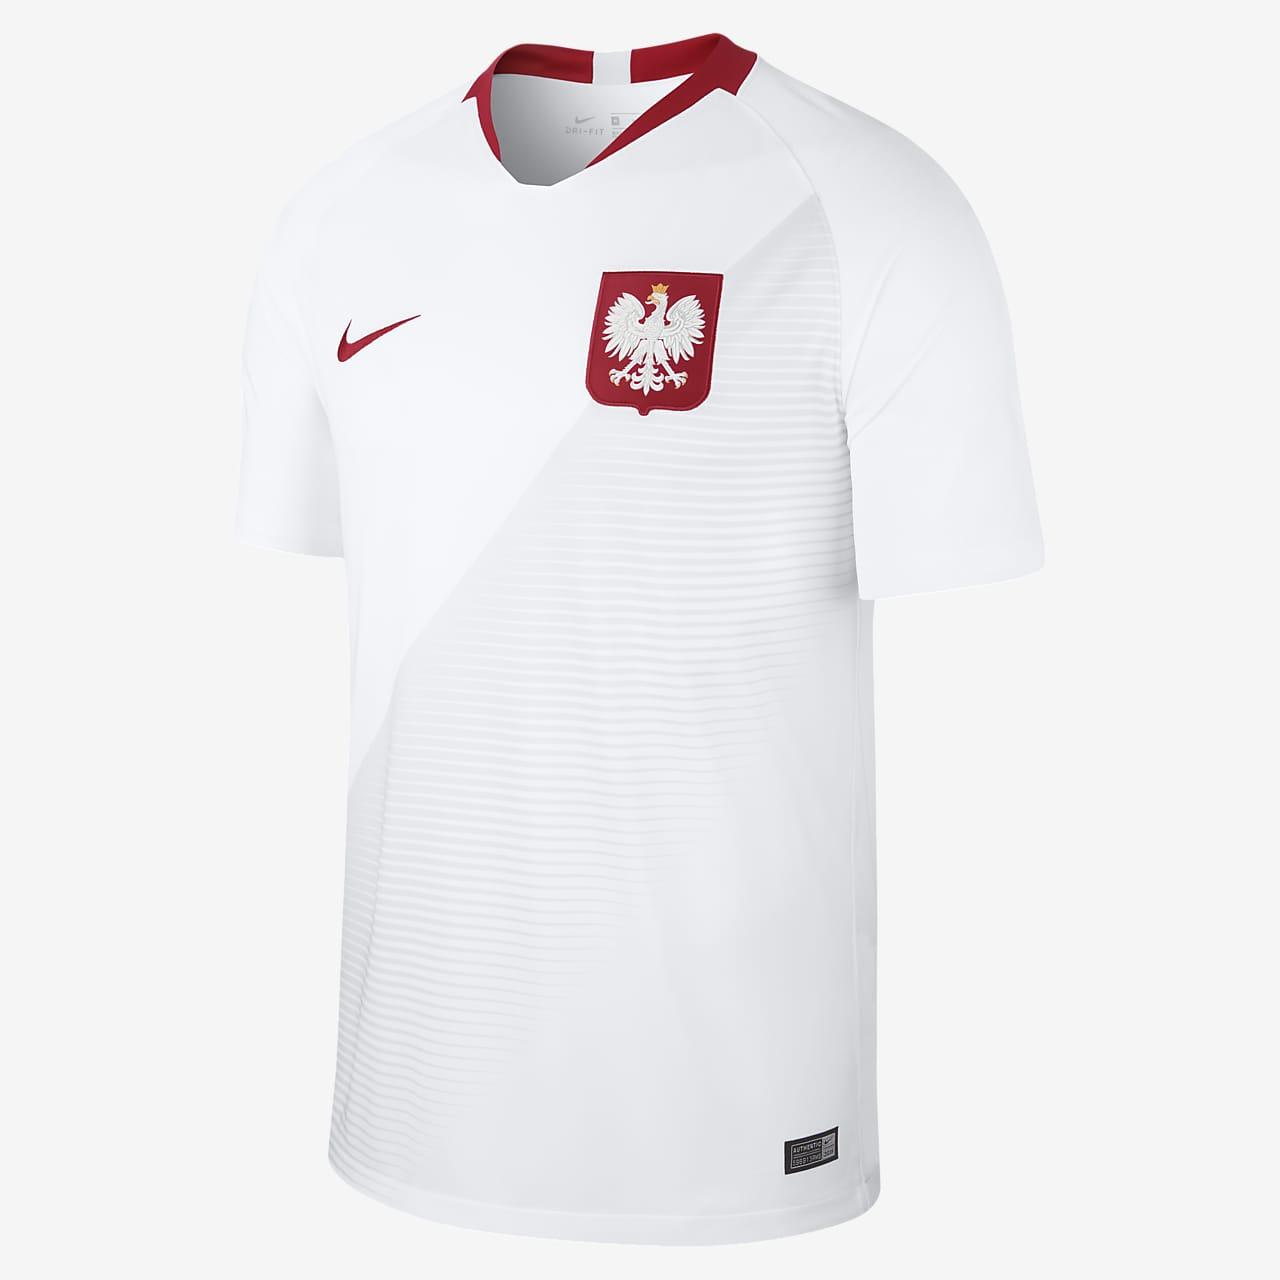 2018 Poland Stadium Home Voetbalshirt voor heren